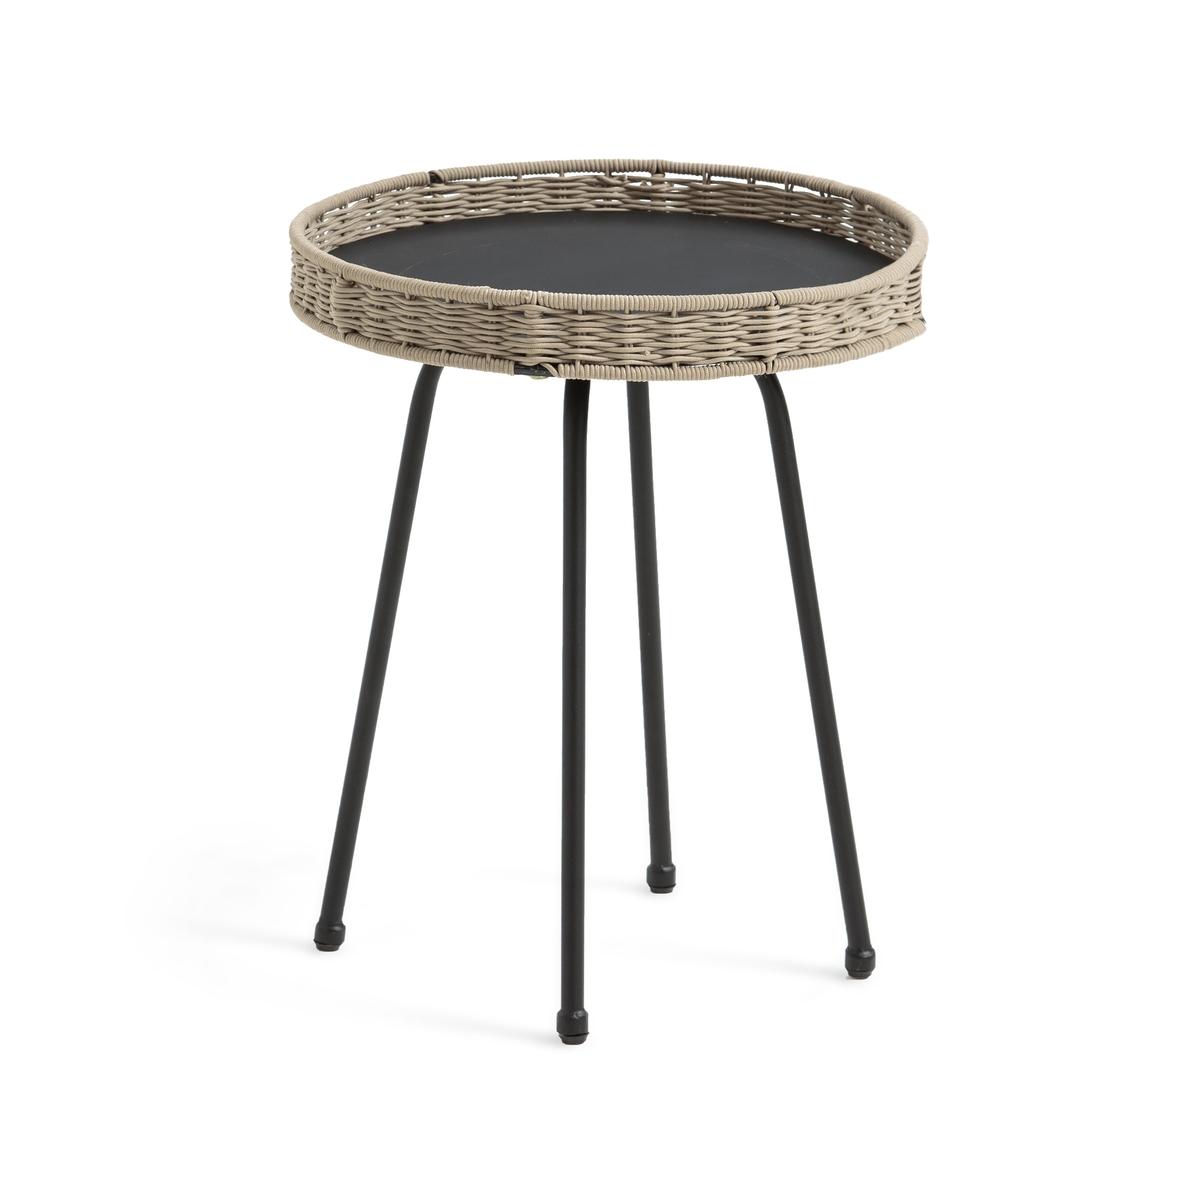 Столик LaRedoute Журнальный для сада Palma маленькая столешница единый размер серый